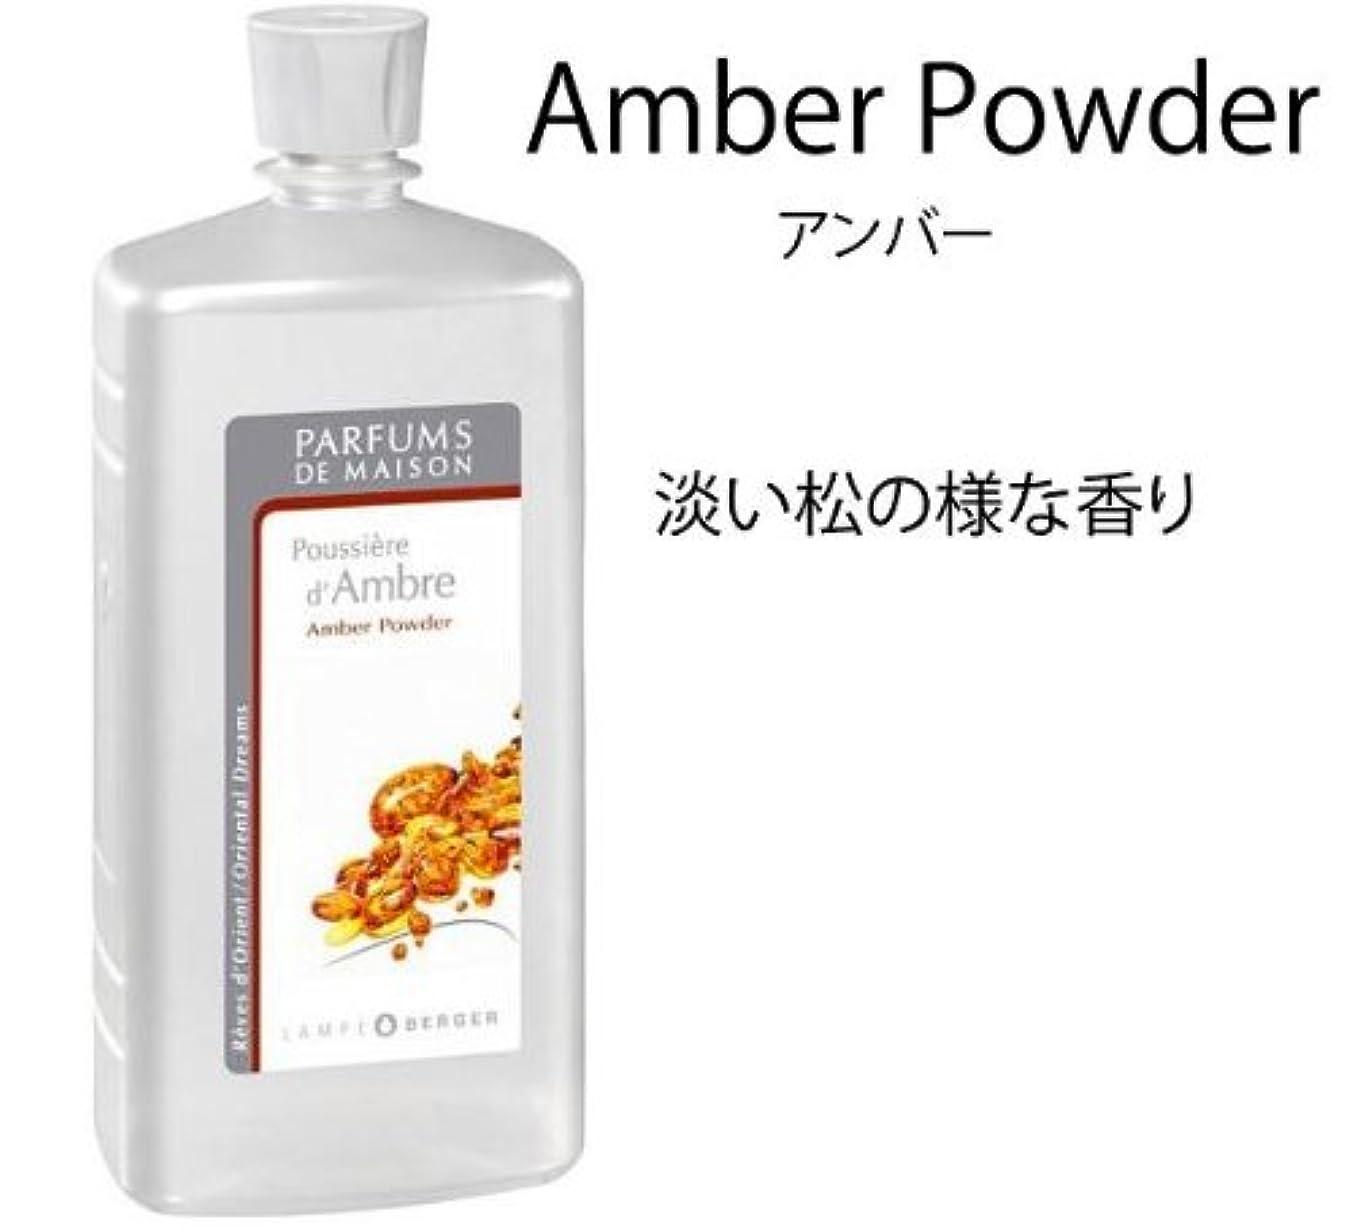 作る無数のポンペイ【LAMP BERGER】France1000ml/Aroma Oil●Amber Powder●アンバー